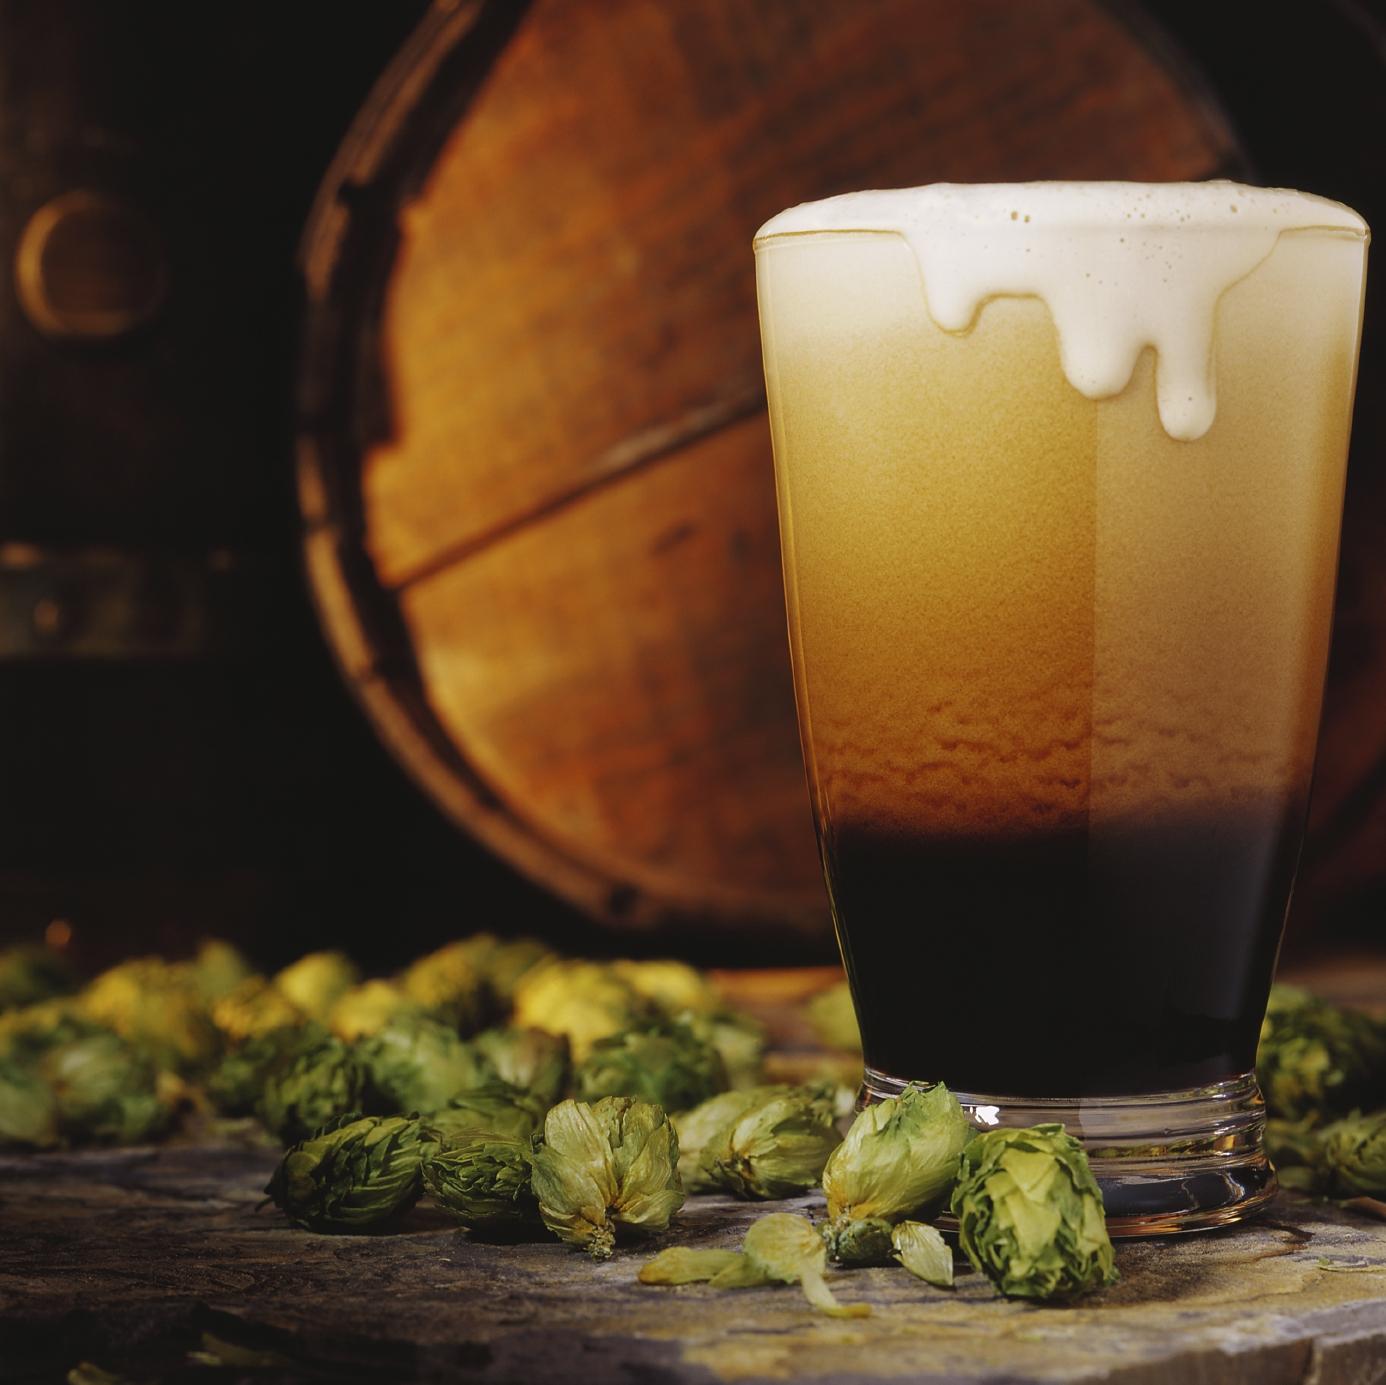 свежее пиво из бочки, фото, скачать, обои на рабочий стол